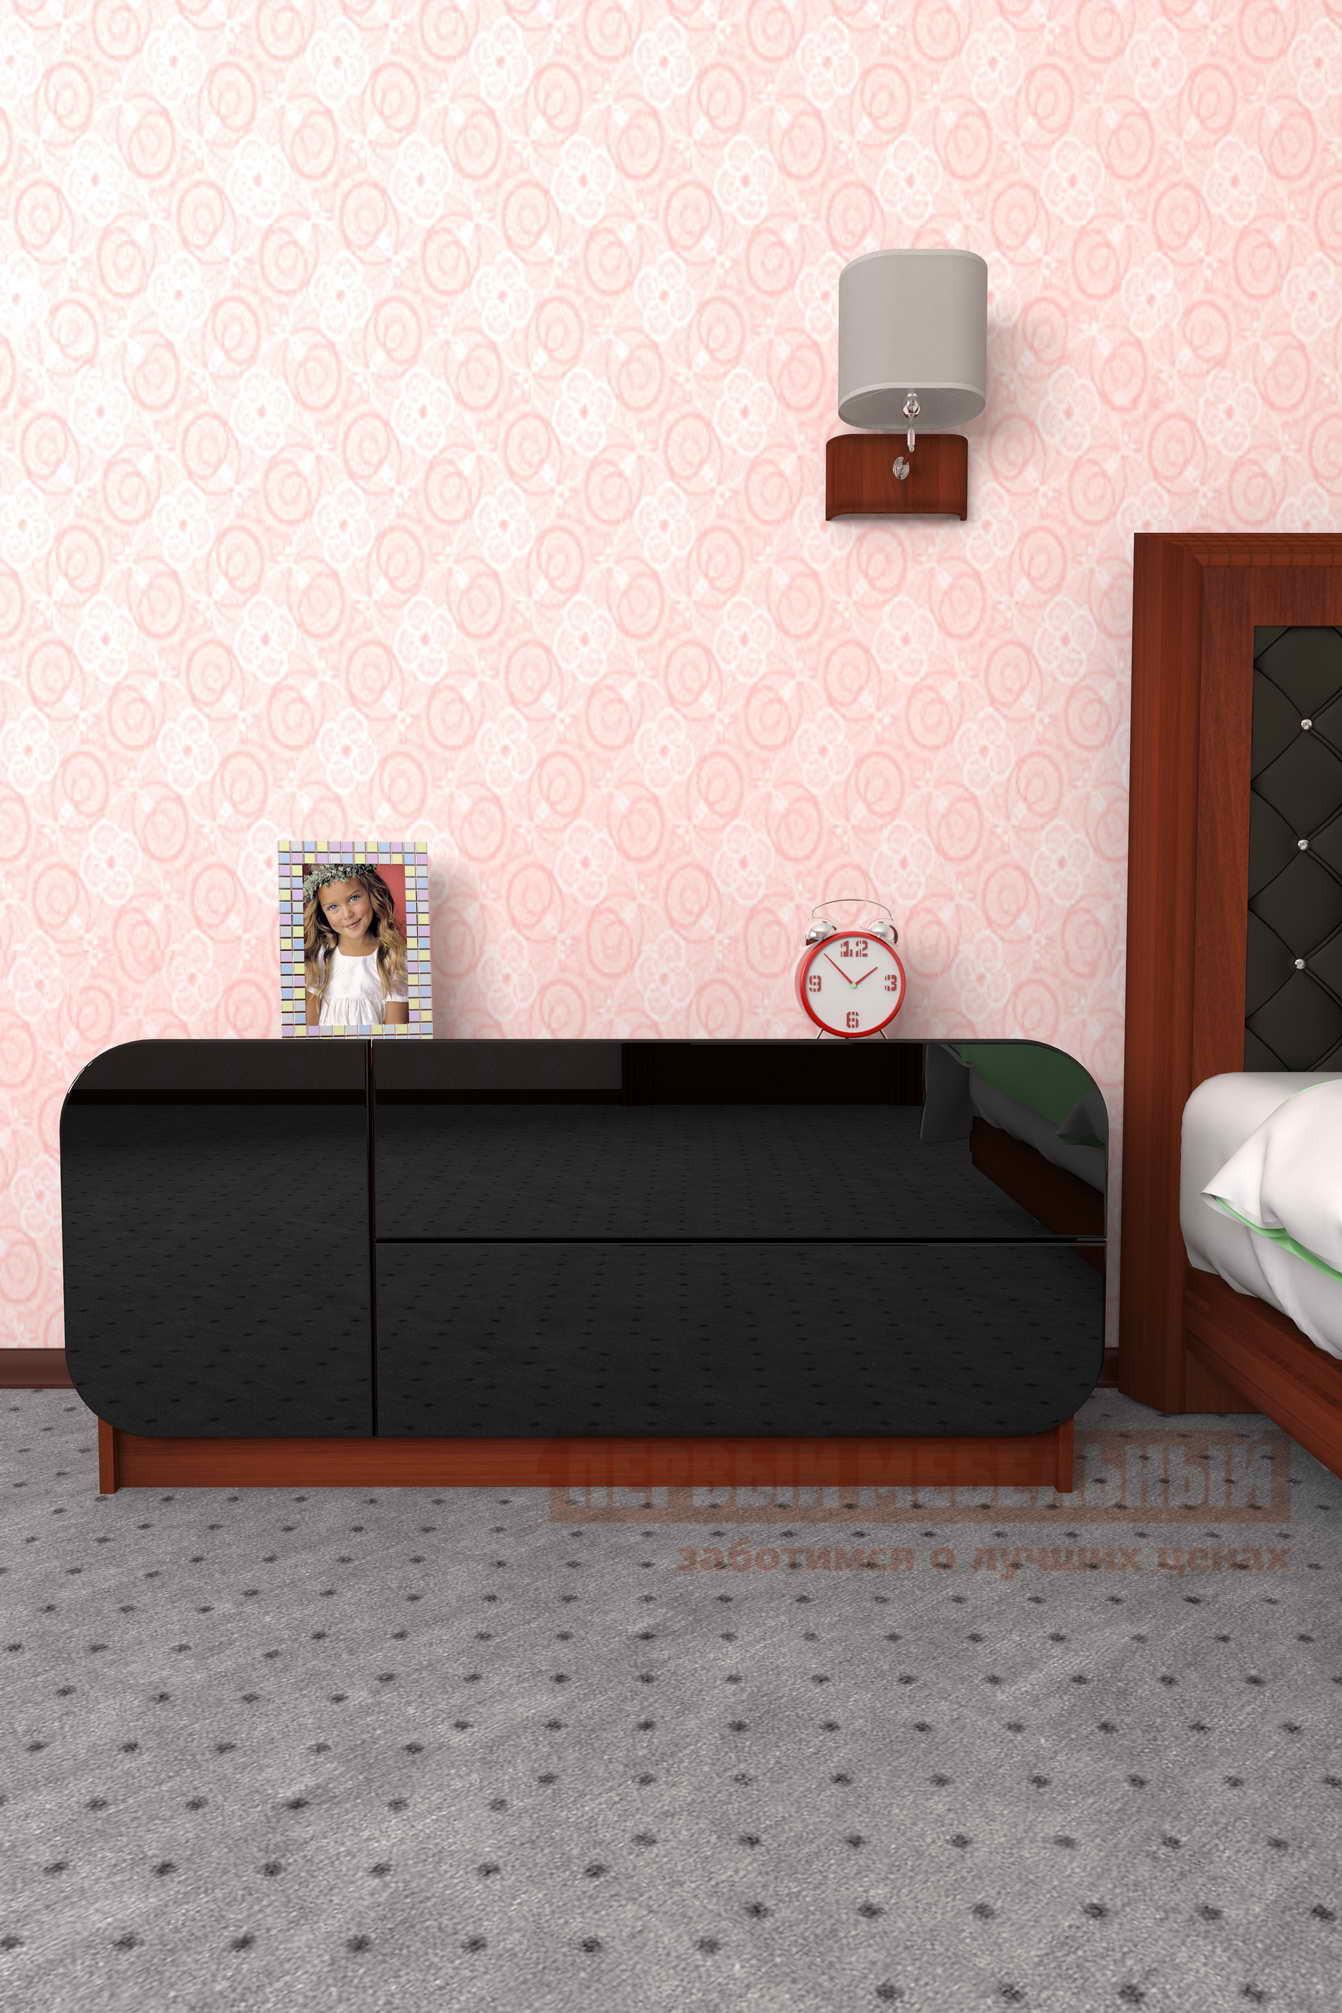 Комод Мебелеф Комод «Мебелеф-27» Итальянский орех, Чёрный глянец 2905, Левый от Купистол